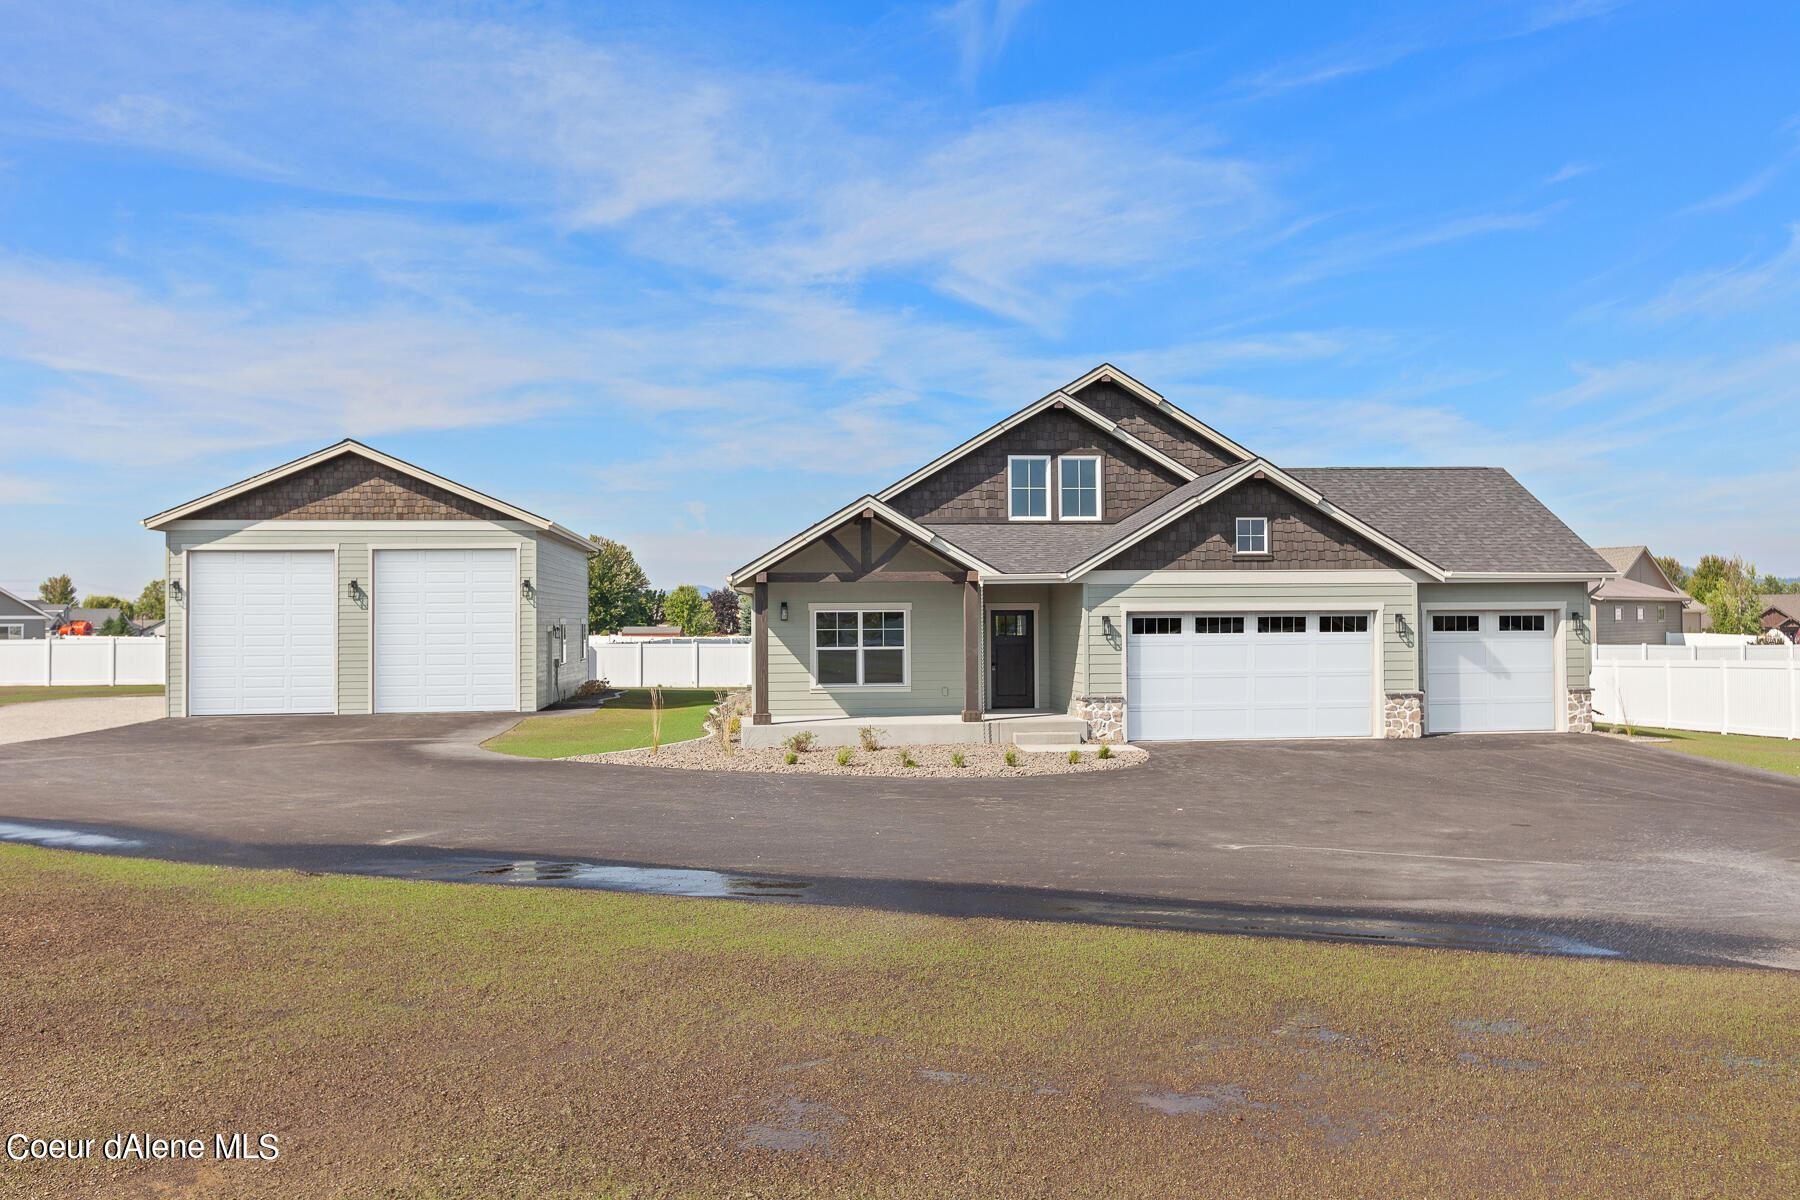 Photo of 1566 W Broadwater Ct, Post Falls, ID 83854 (MLS # 21-9418)